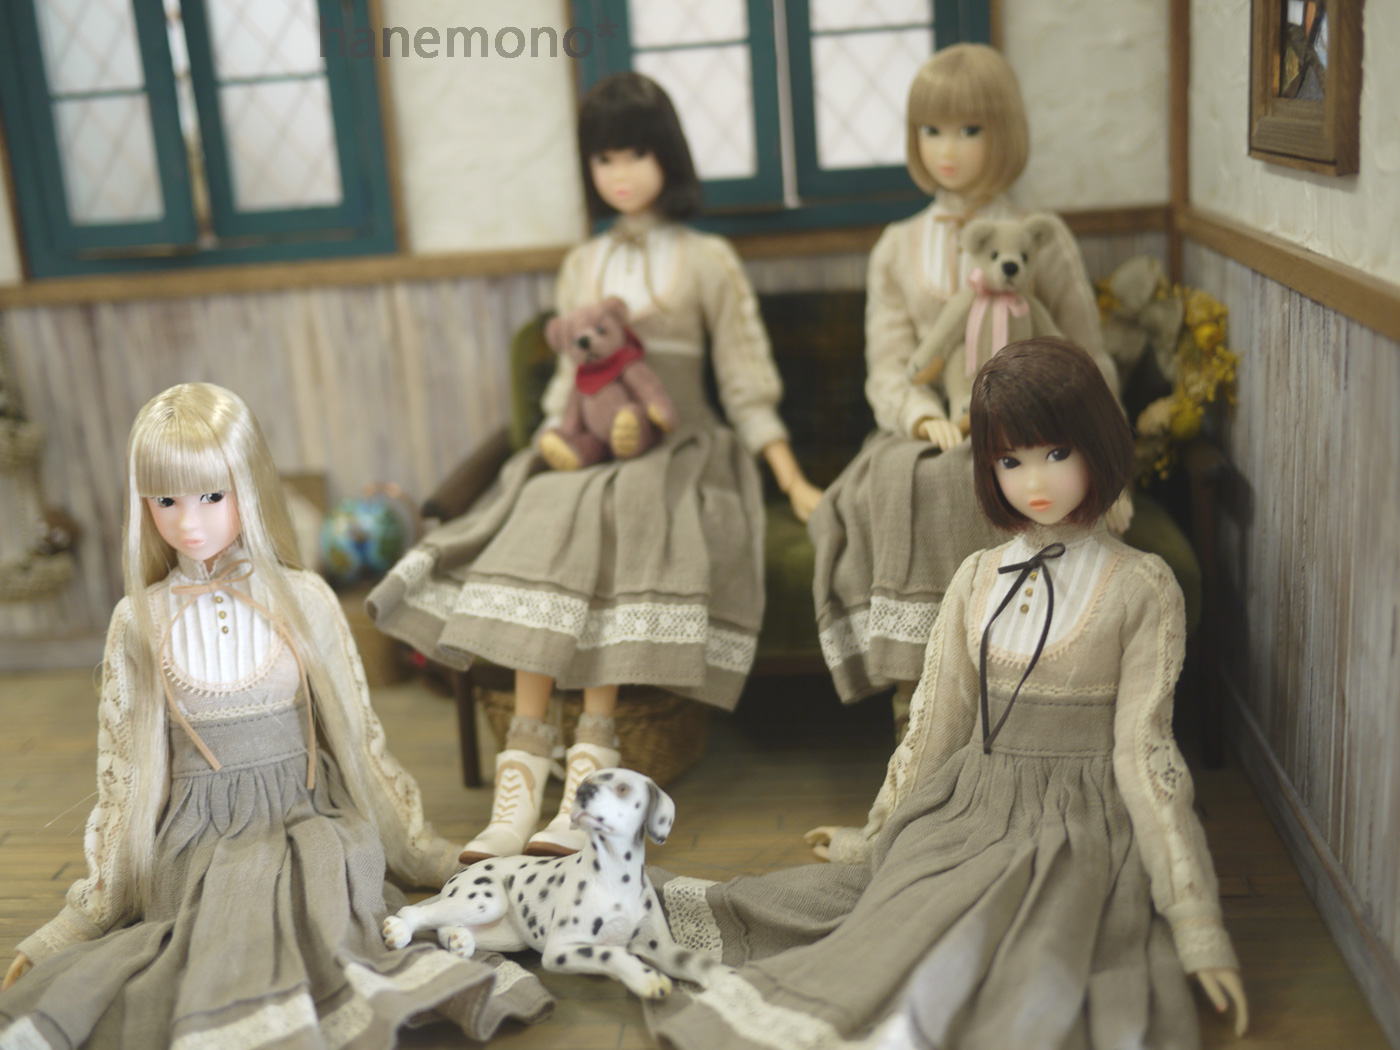 http://momoko.so-i.net/img/130908bds1.jpg